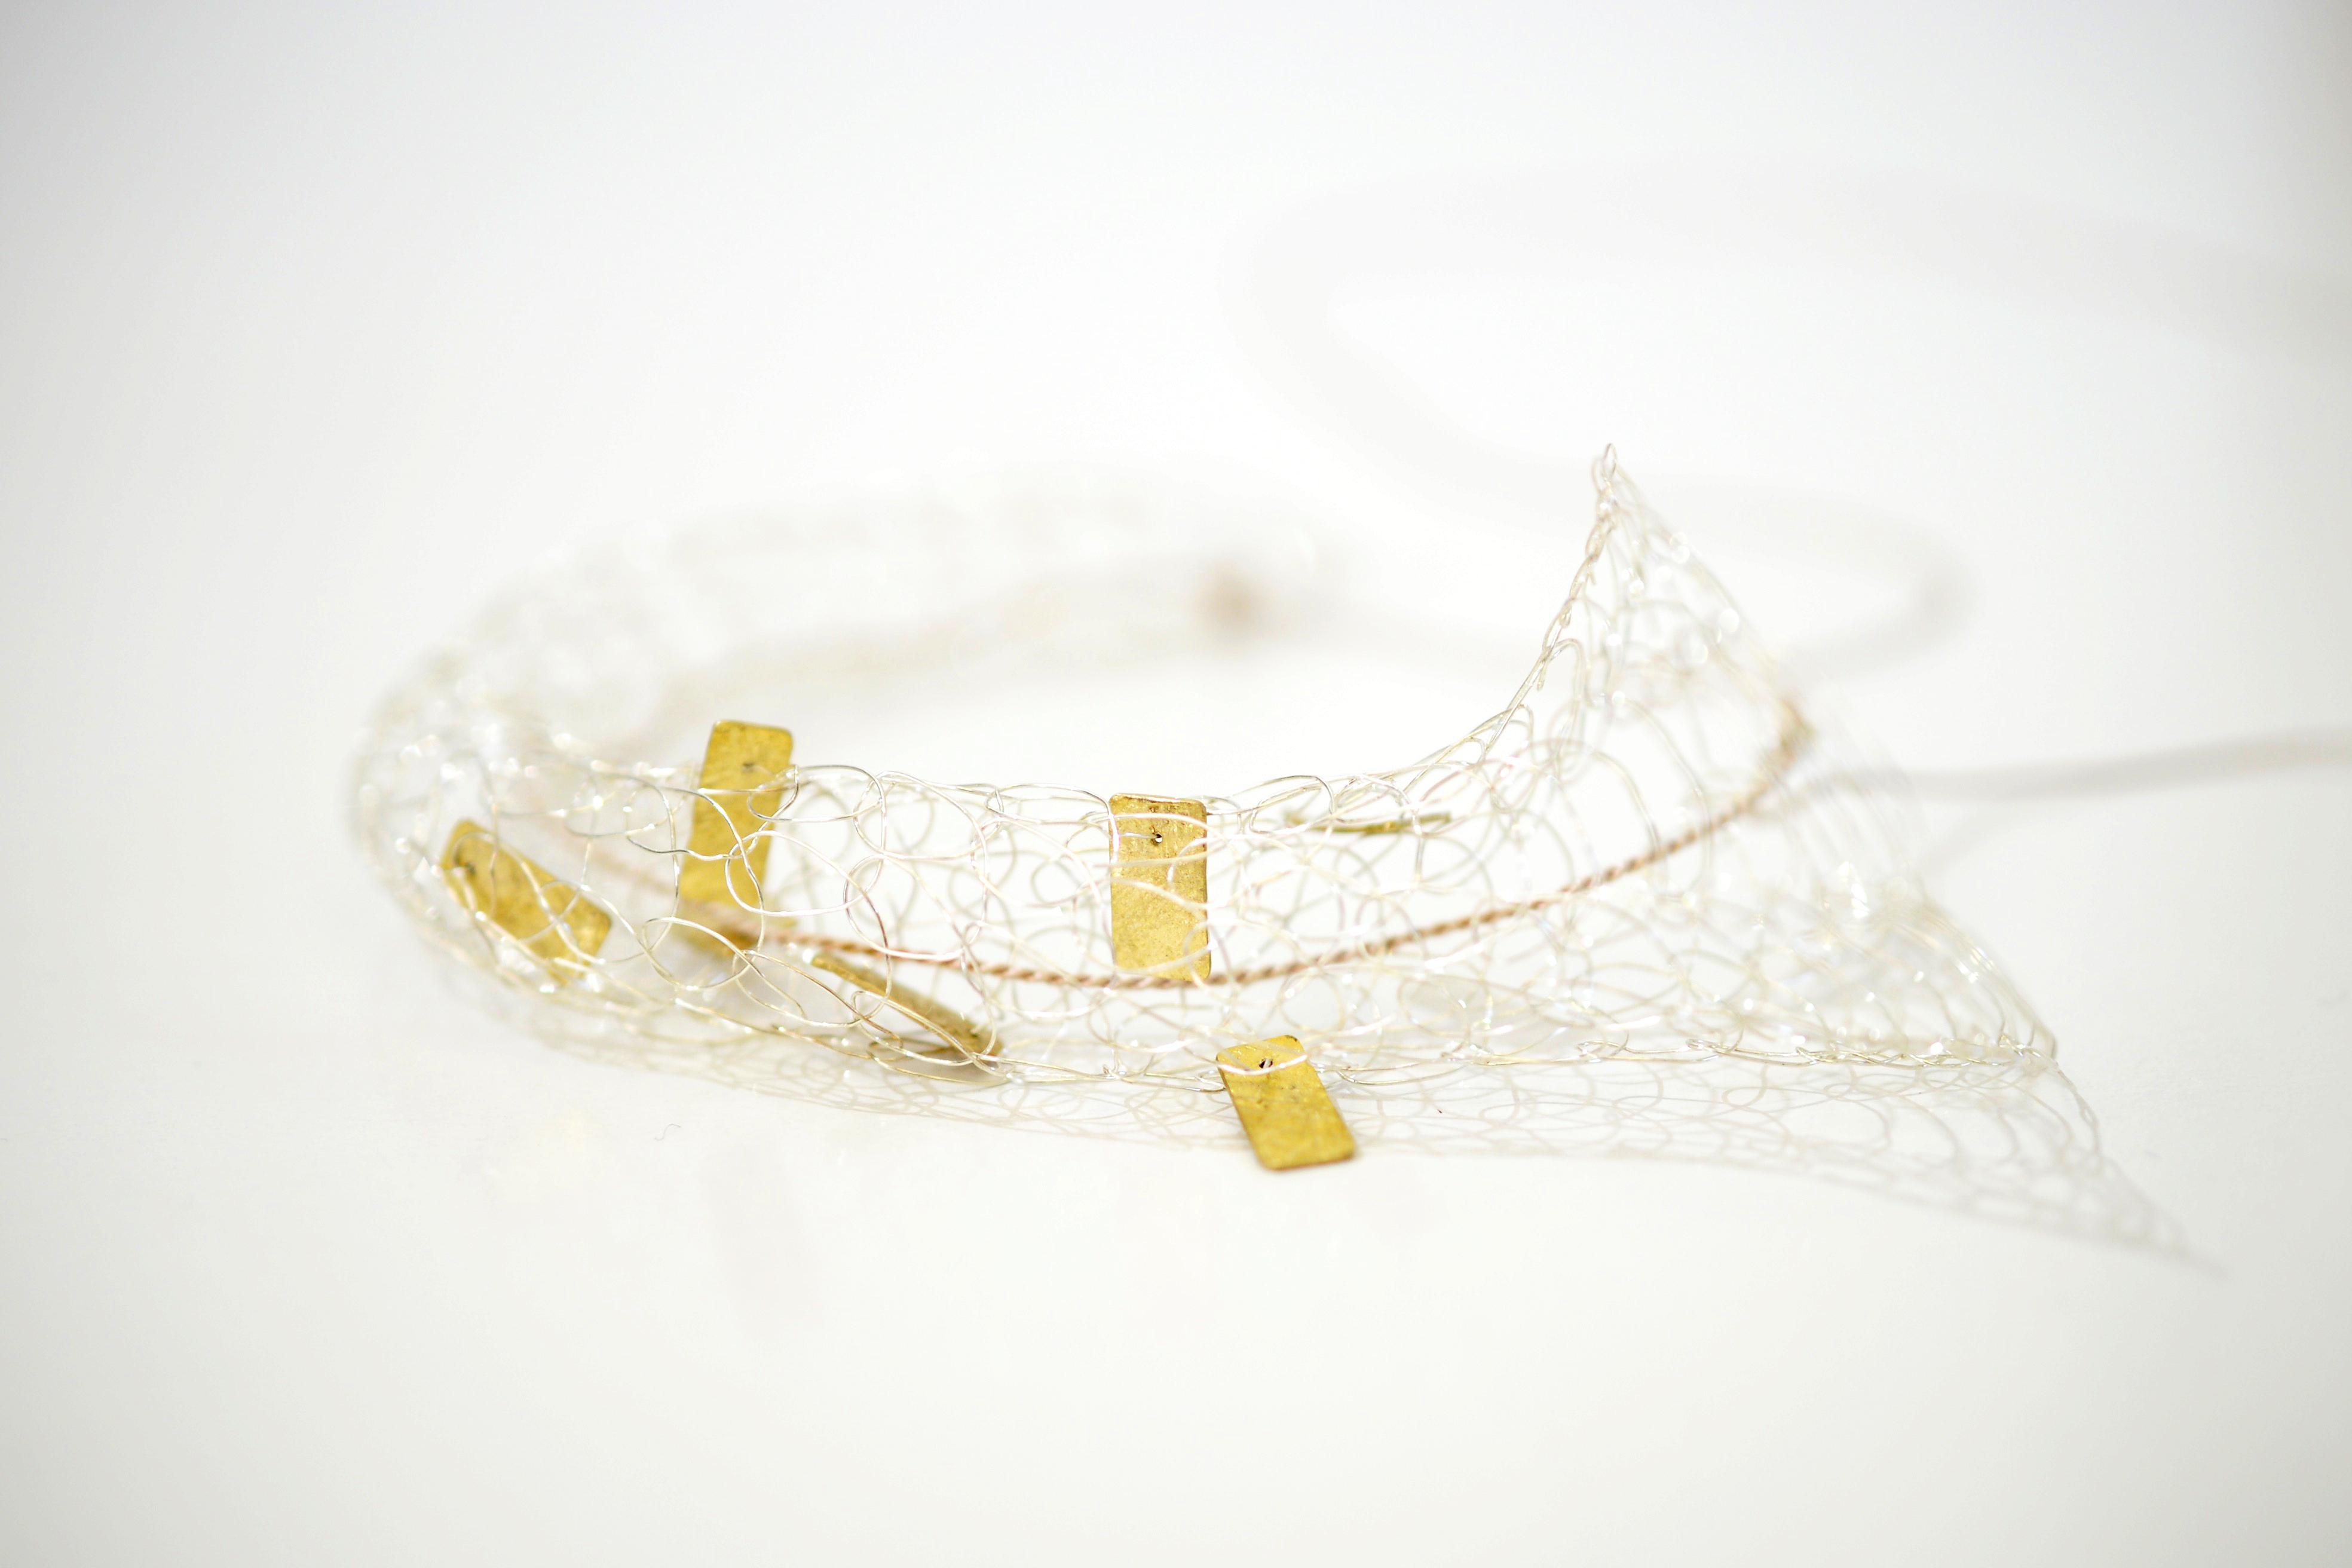 Golden Memories Necklace 5